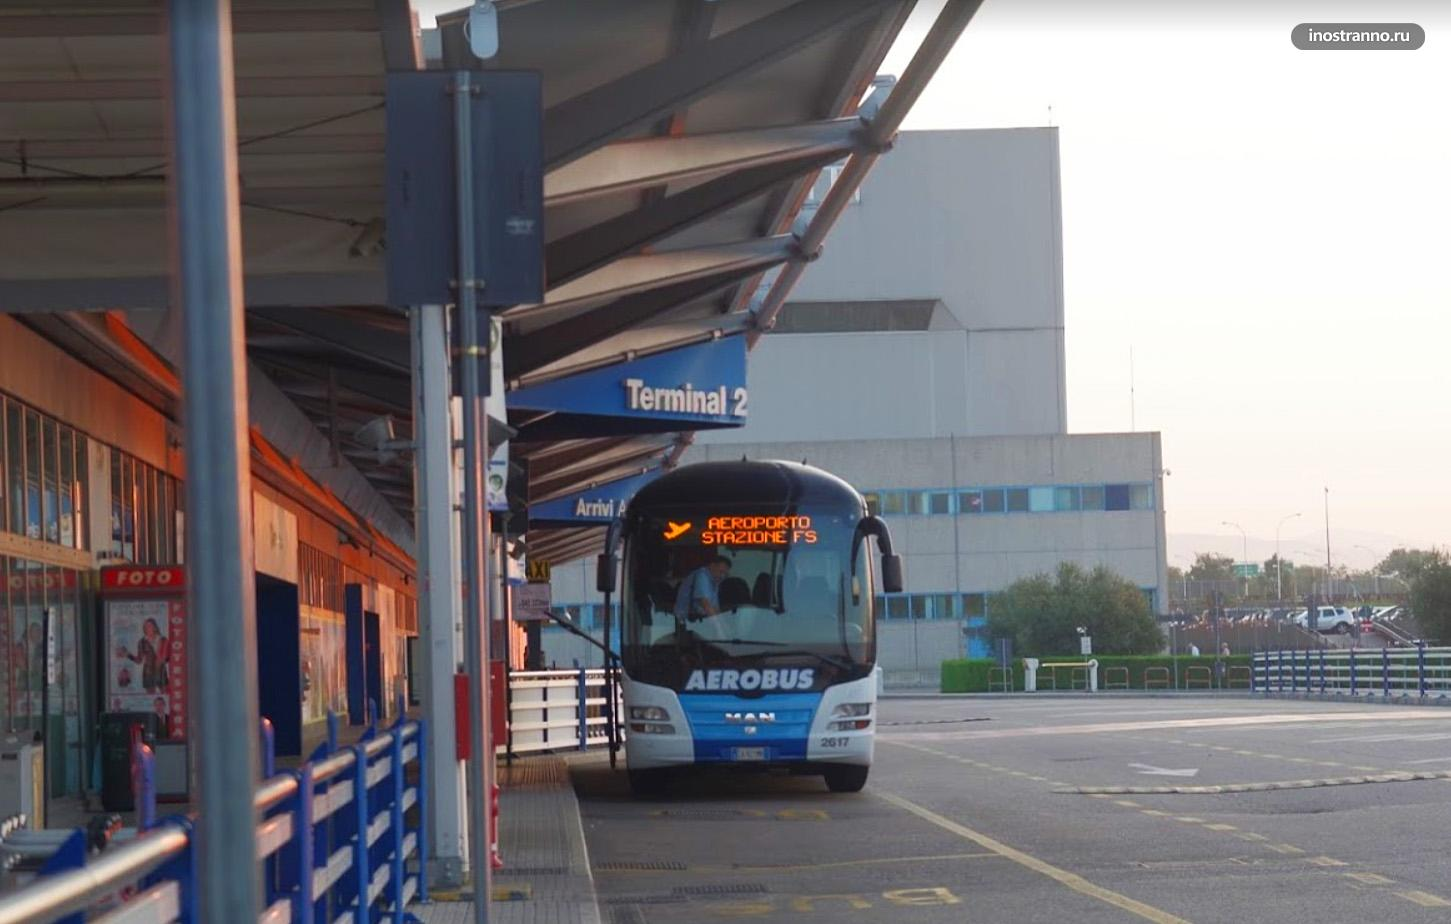 Автобус из аэропорта Вероны до центра города